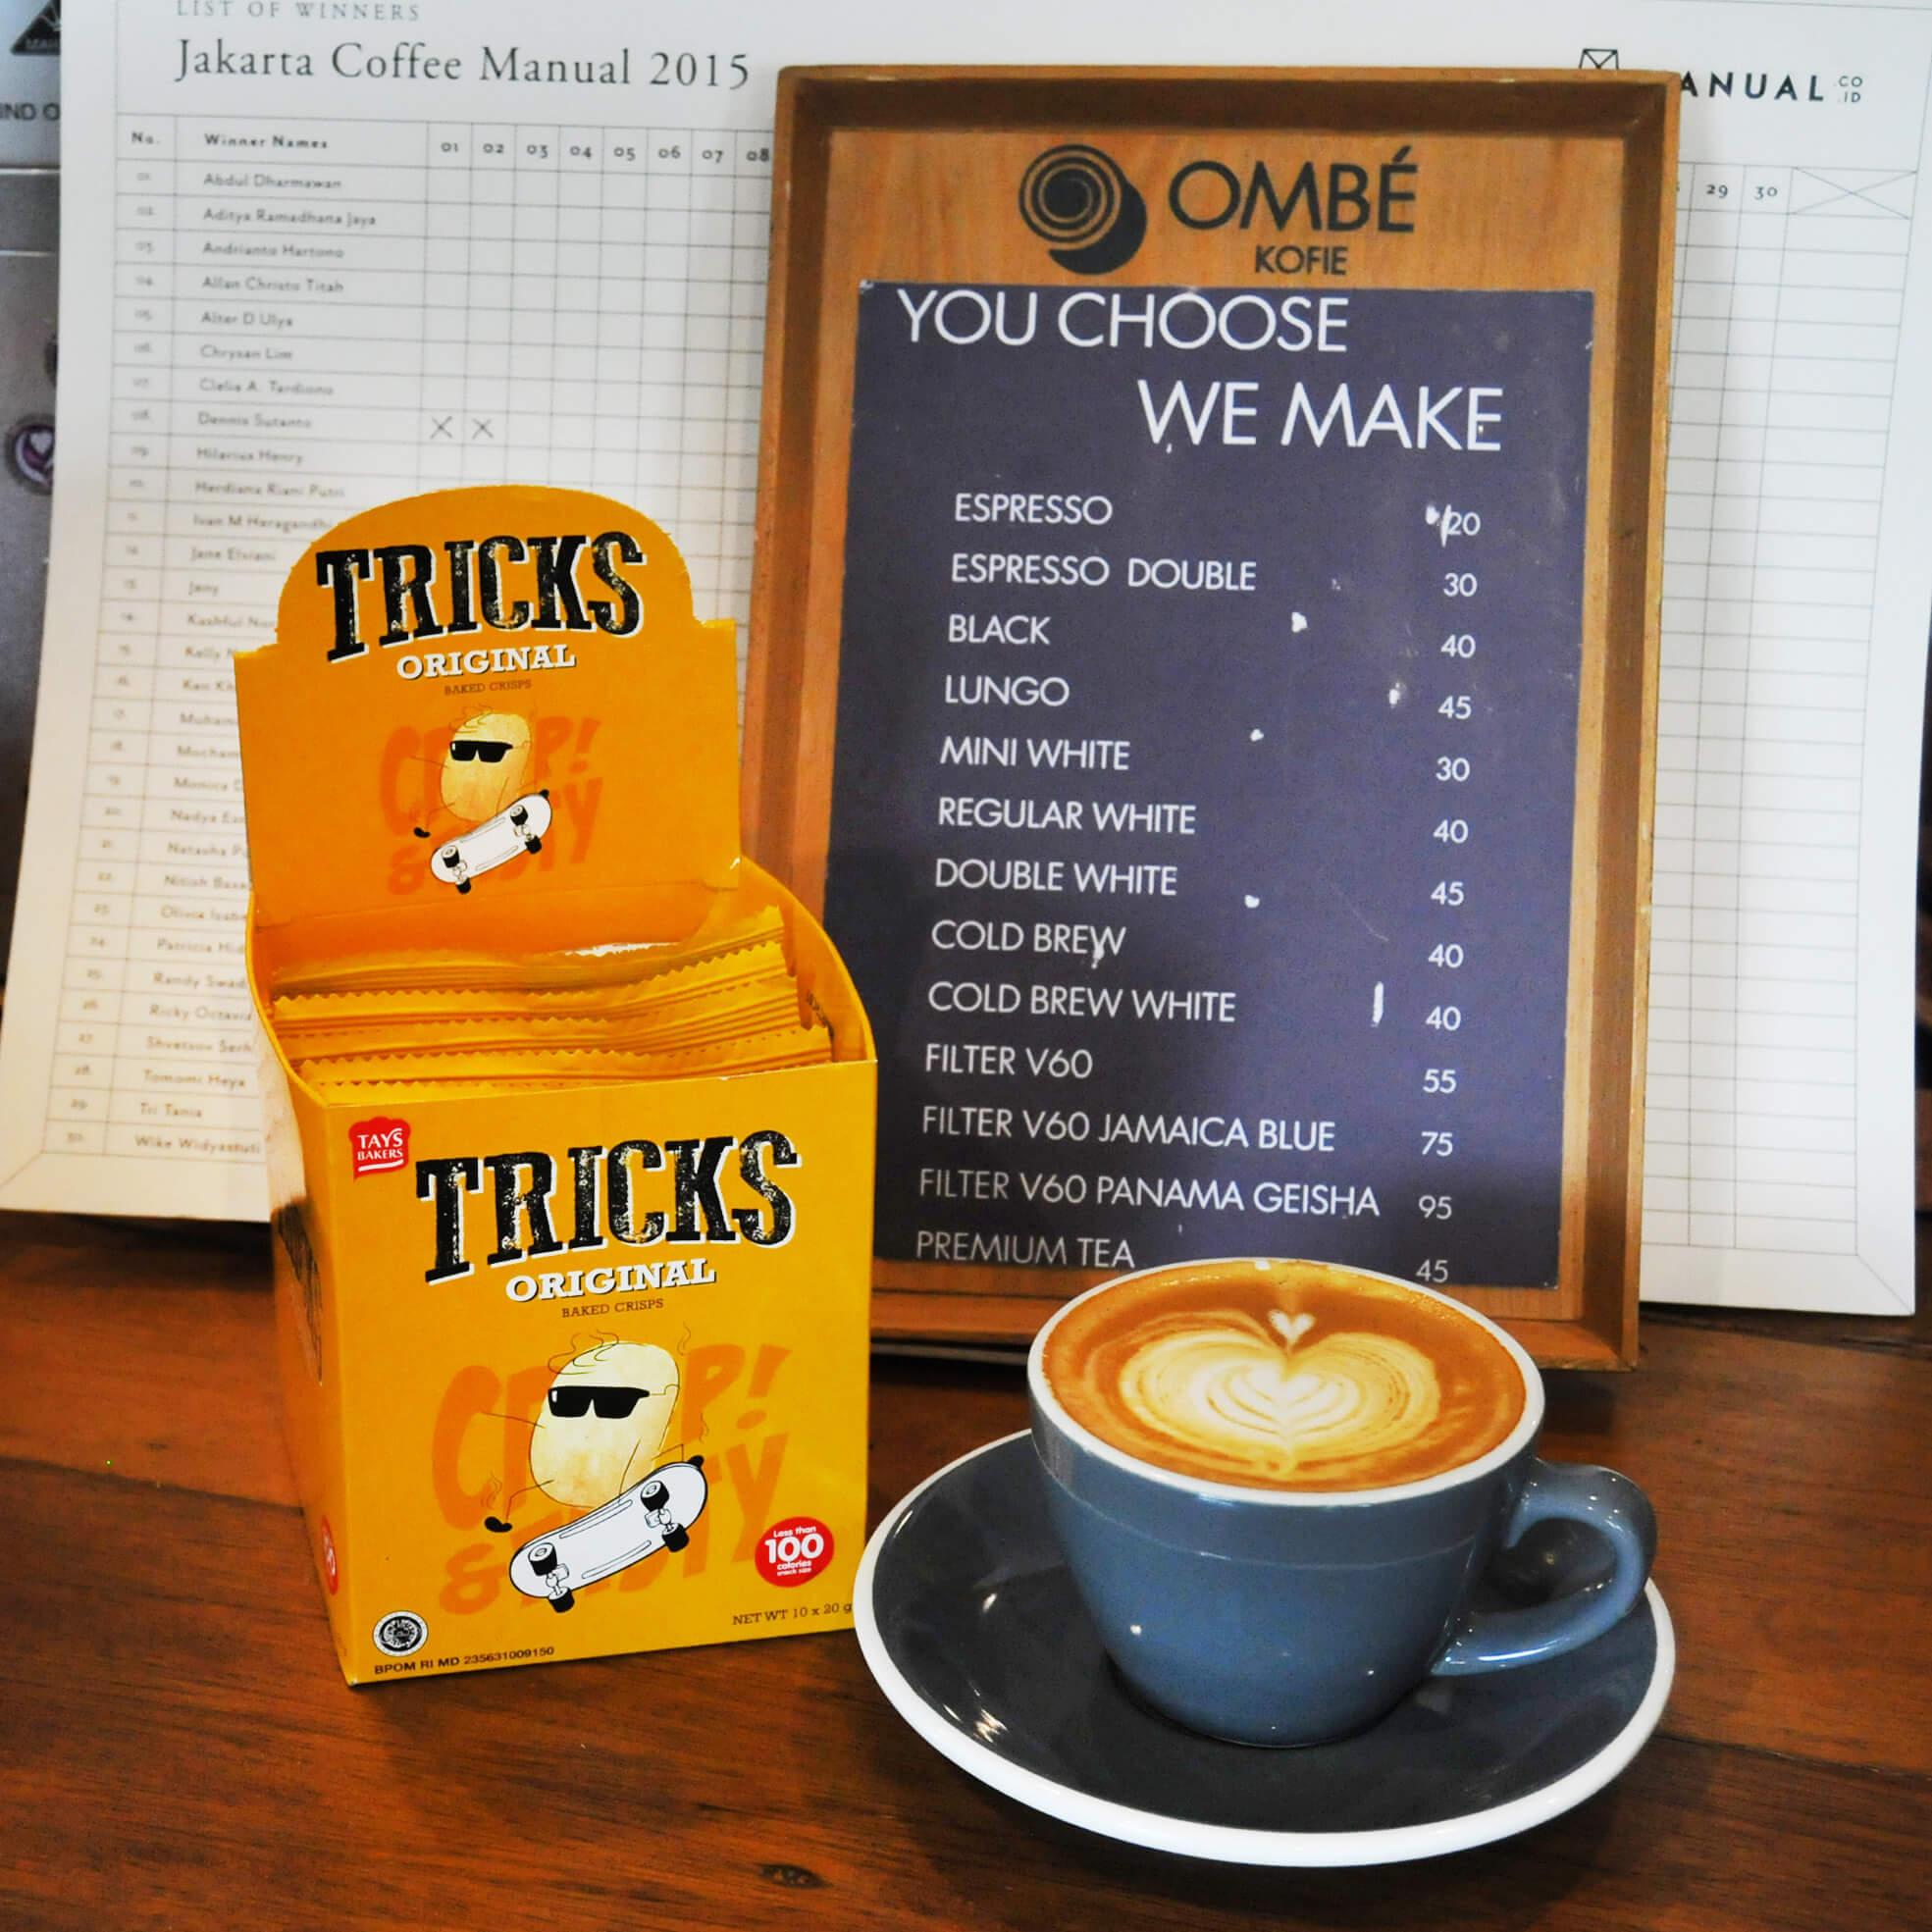 Harga kopi di Ombe Kofie